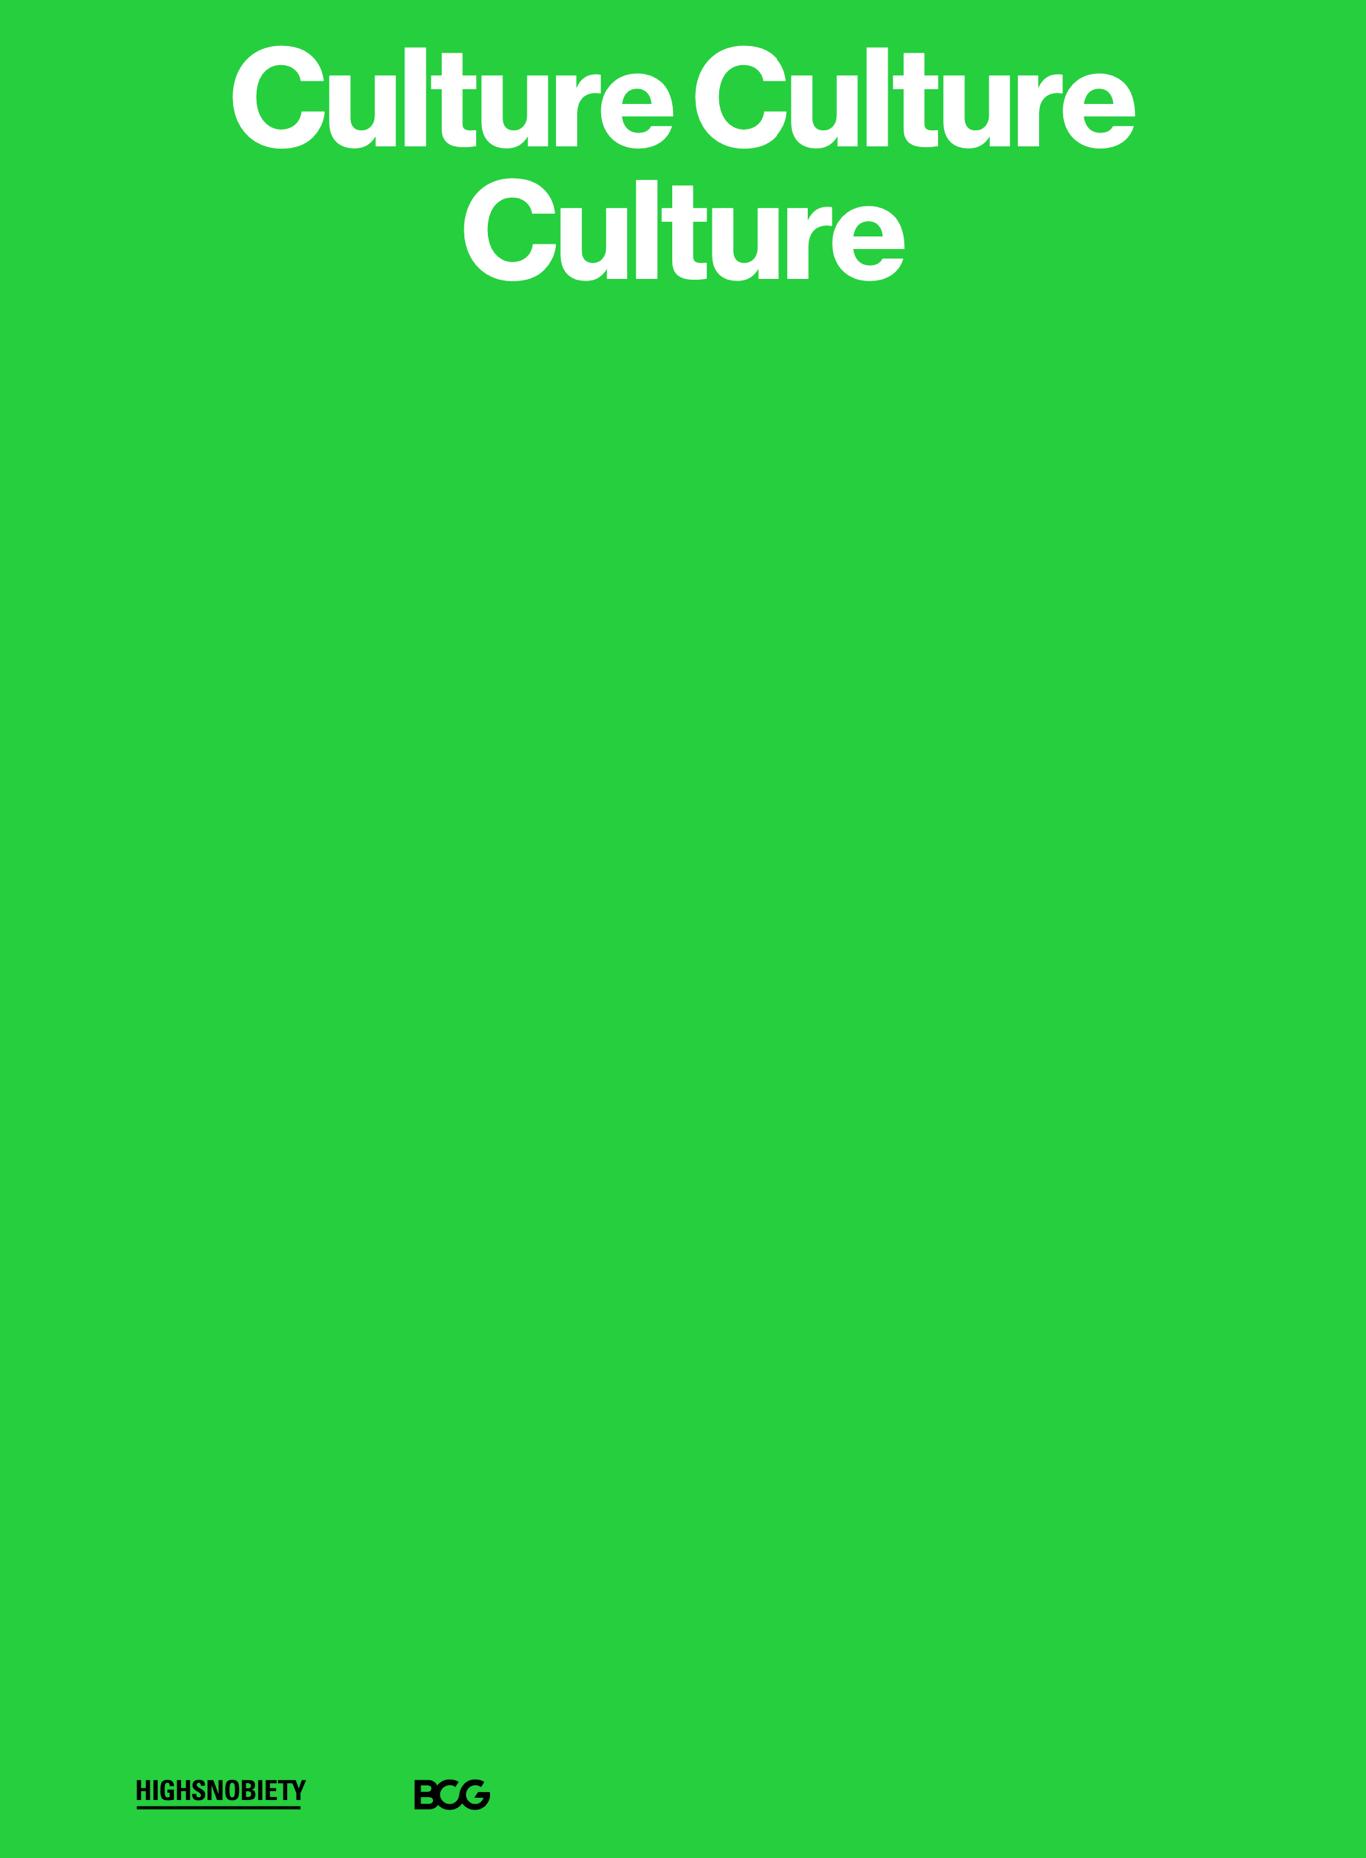 Culture, Culture, Culture white paper cover art